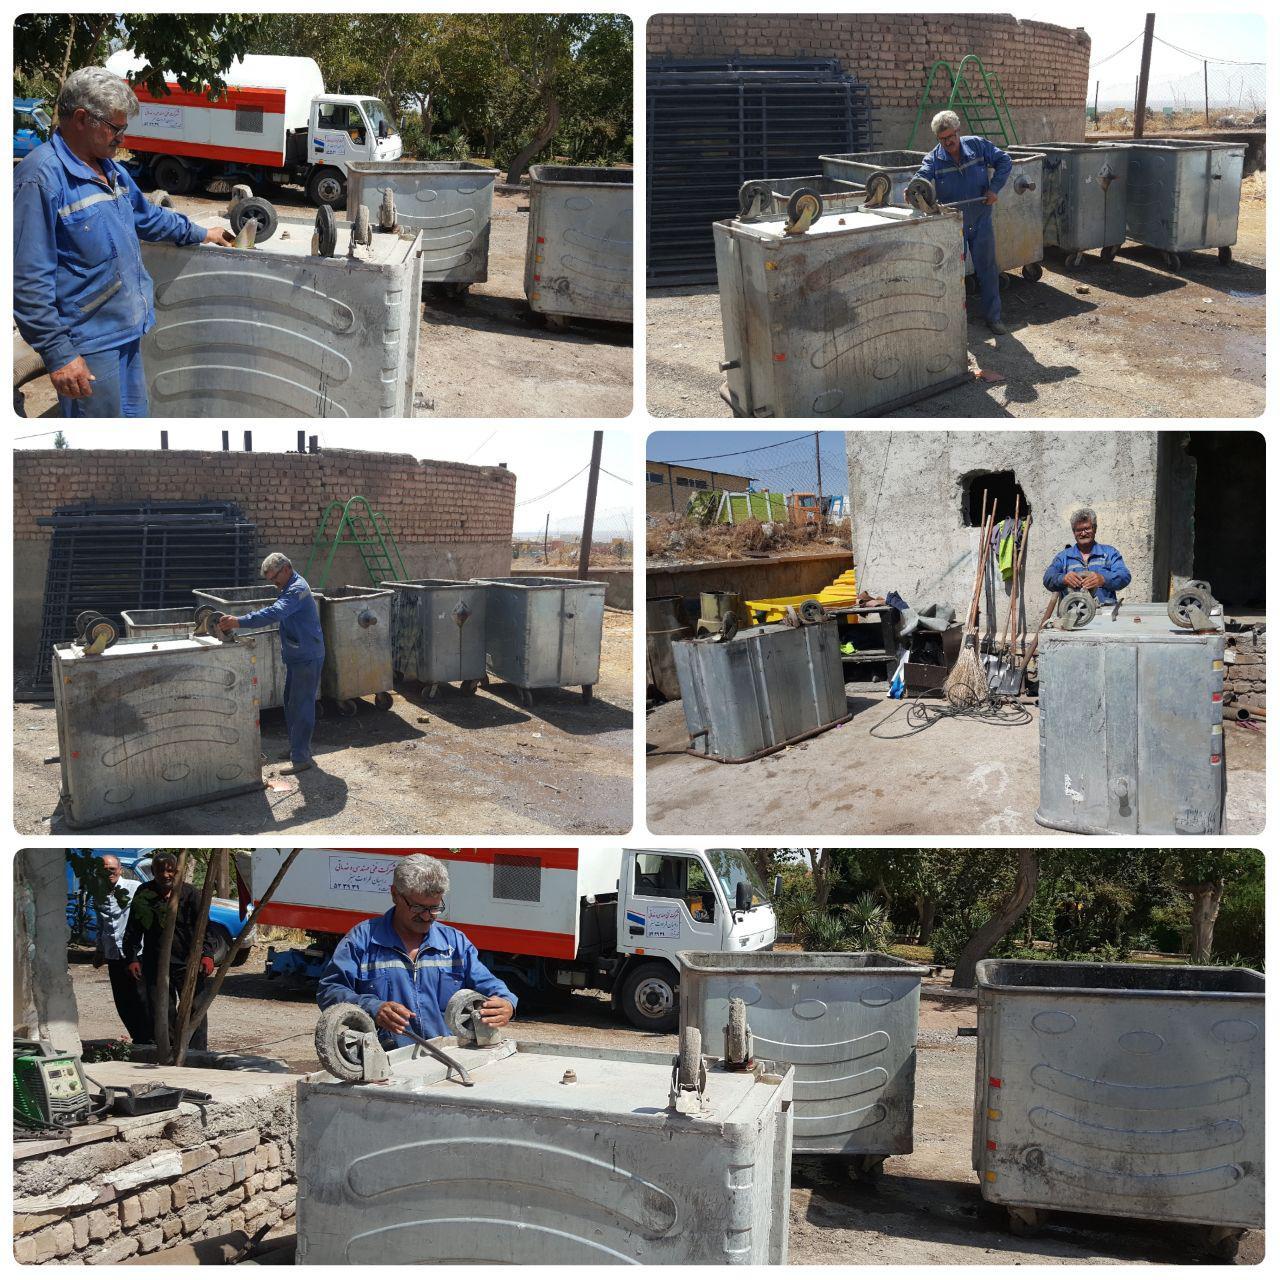 بازسازی و تعمیر باکس های زباله در شهر پرند